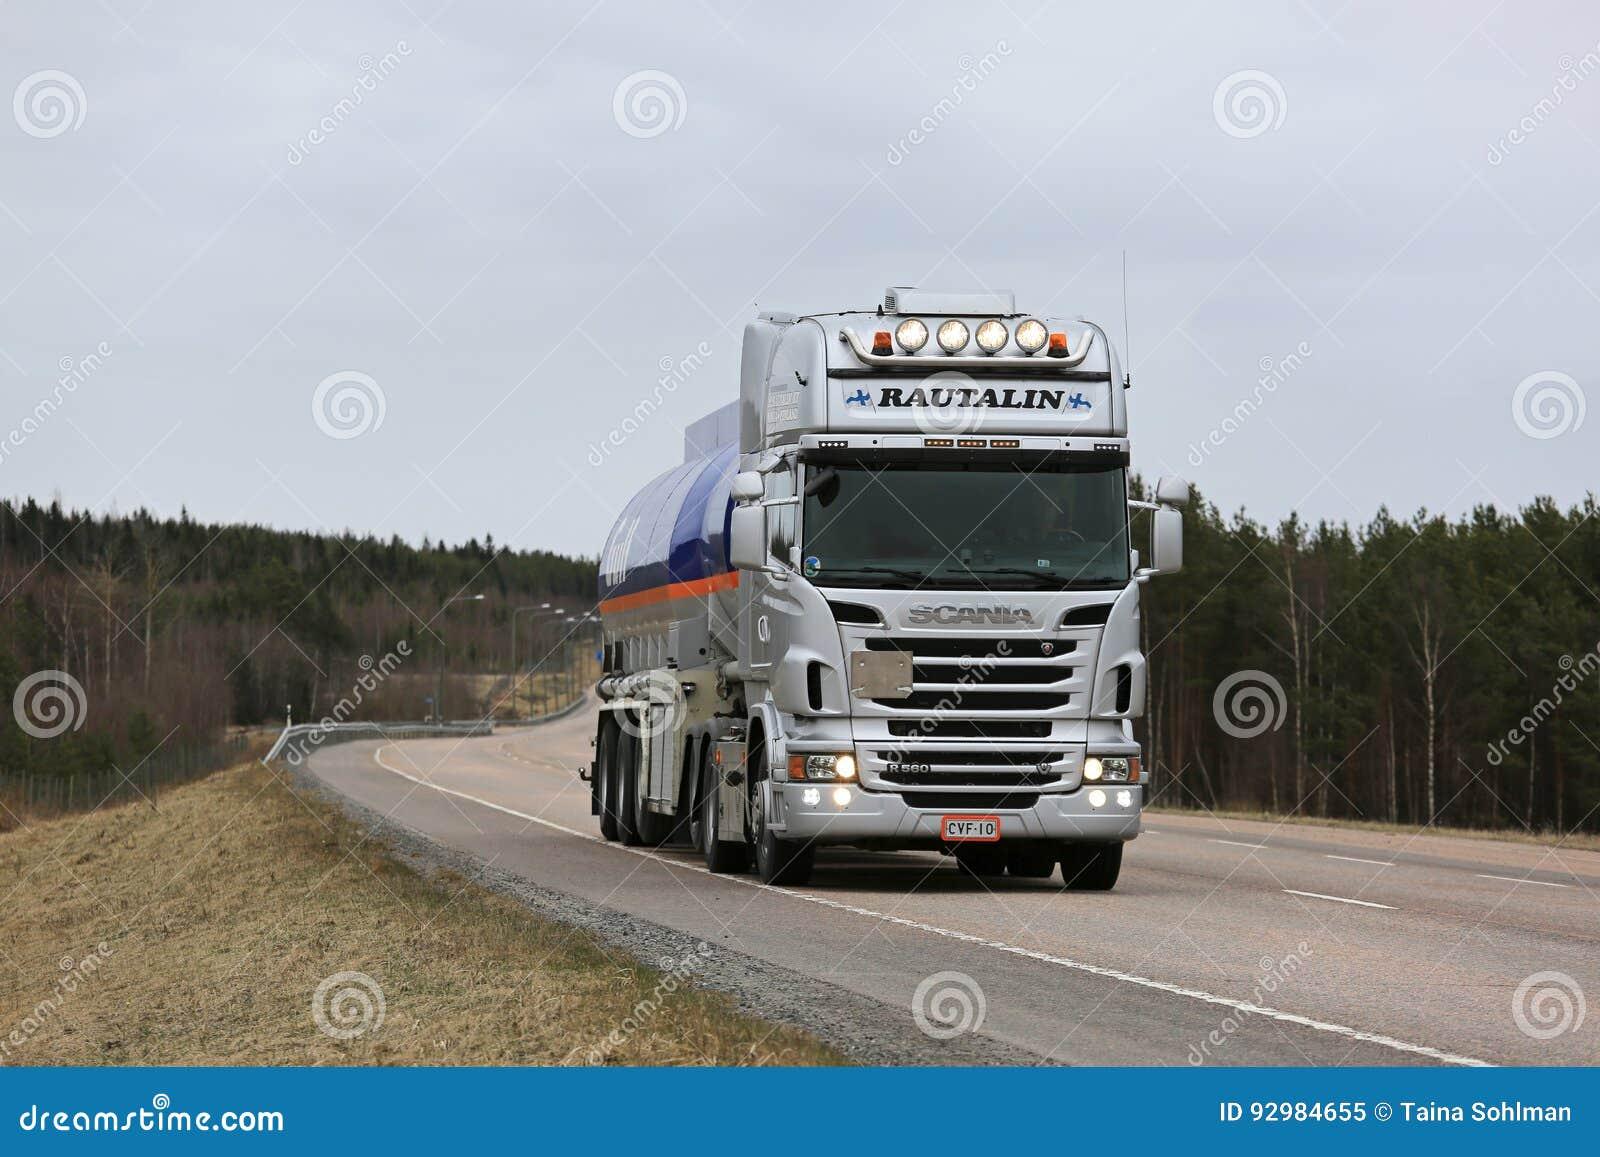 Semi Truck Oil : Scania r gulf oil fuel semi tank truck trucking